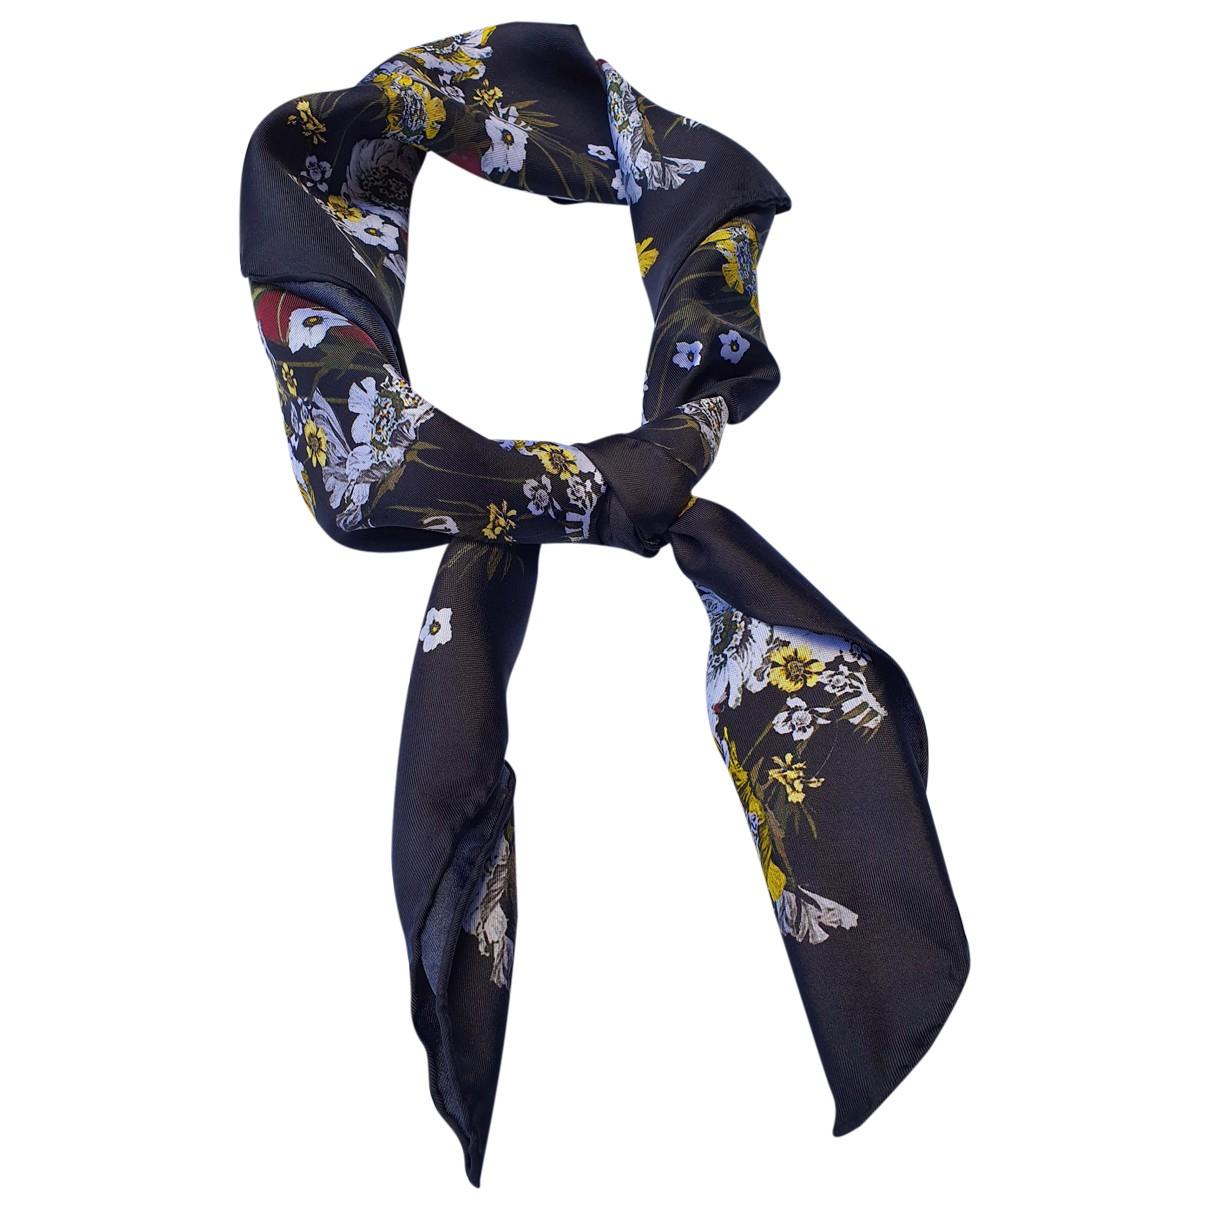 Erdem X H&m - Foulard   pour femme en soie - multicolore